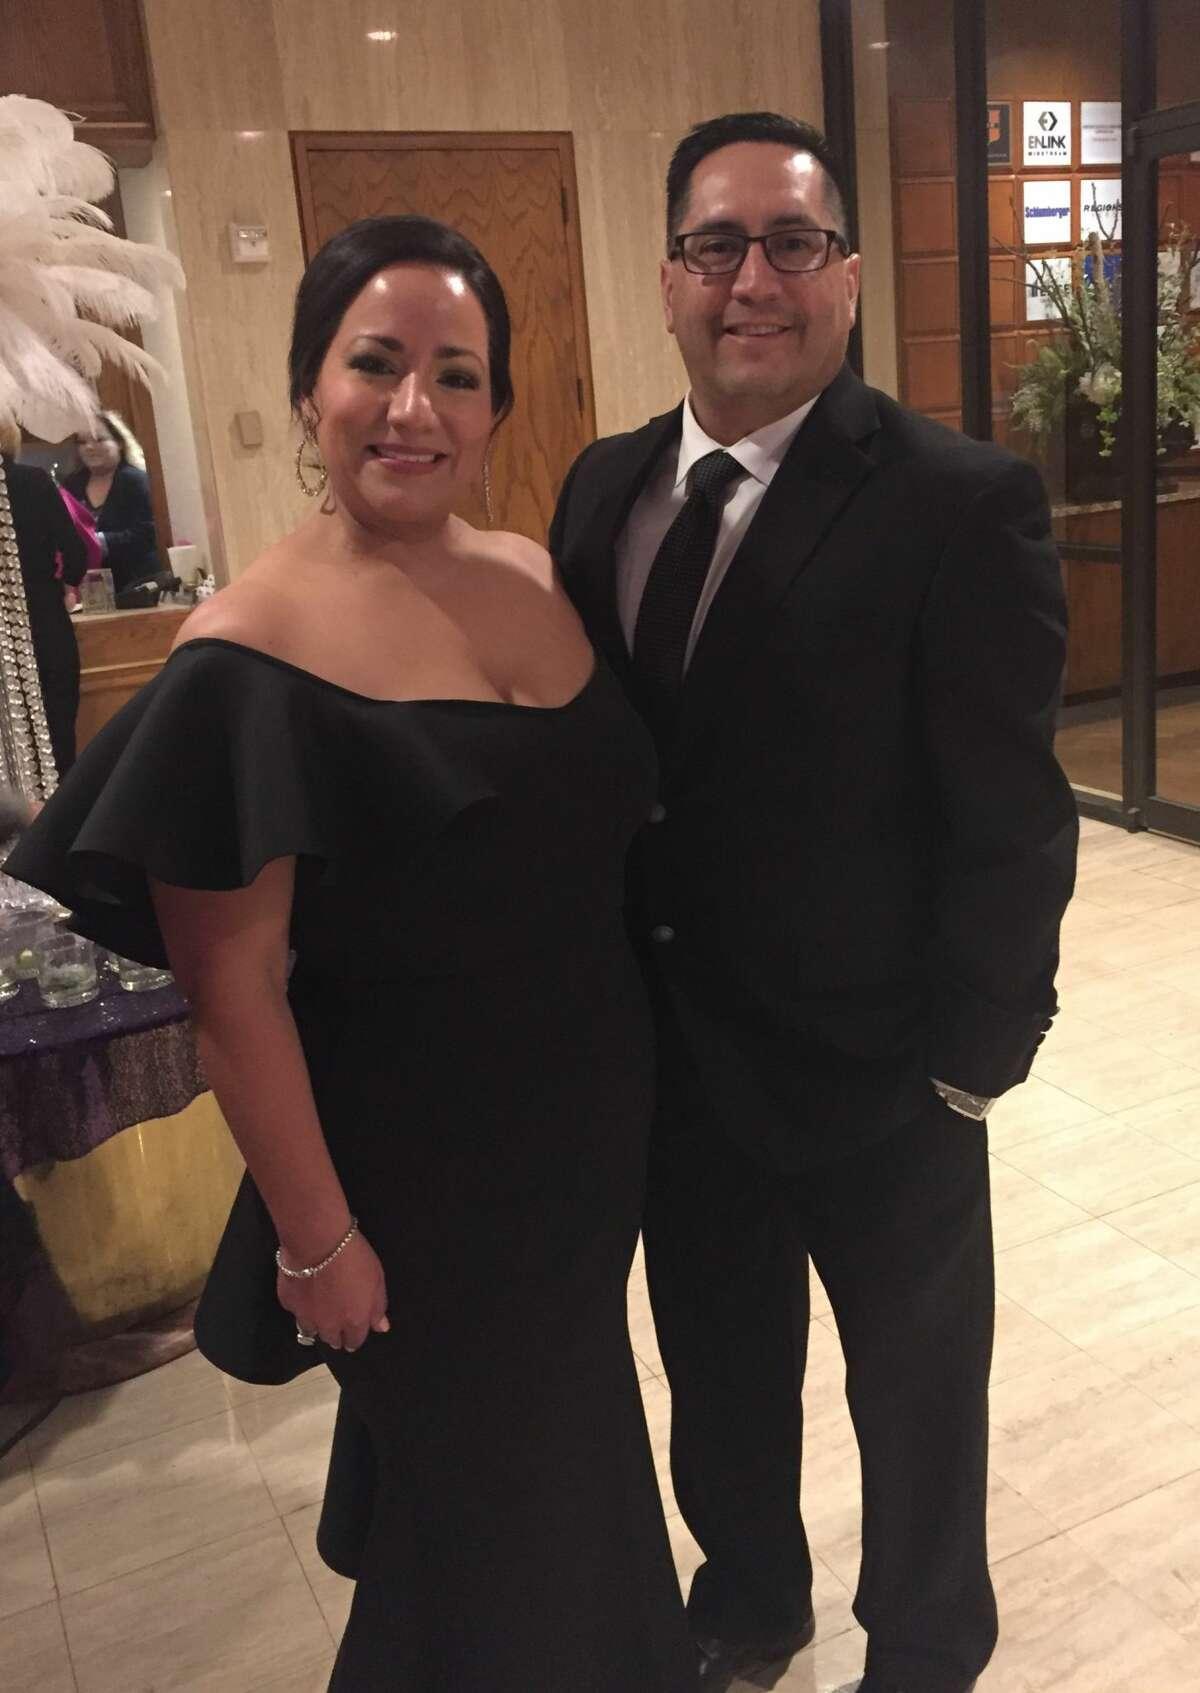 Mardi Gras: Joanna and Jacinto Delgado